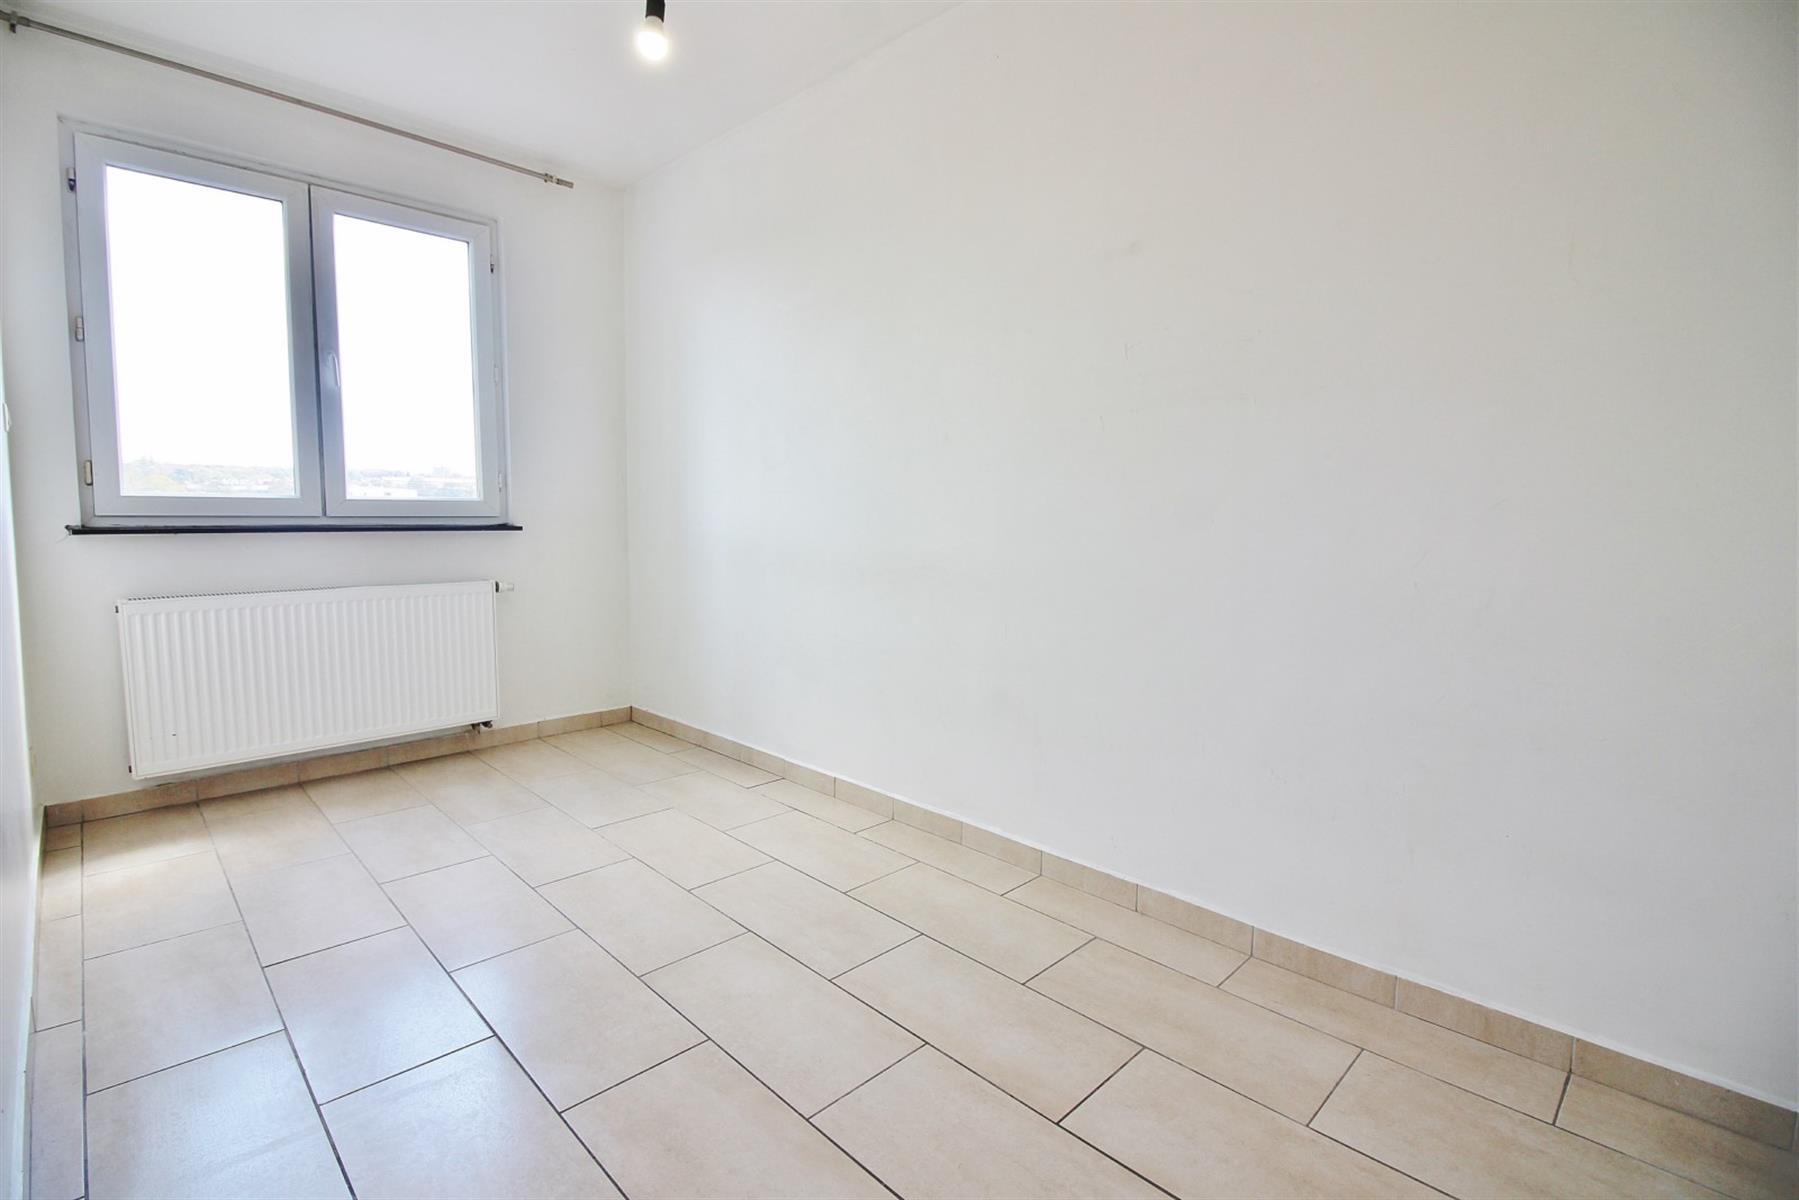 Appartement - Liege - #4394490-7